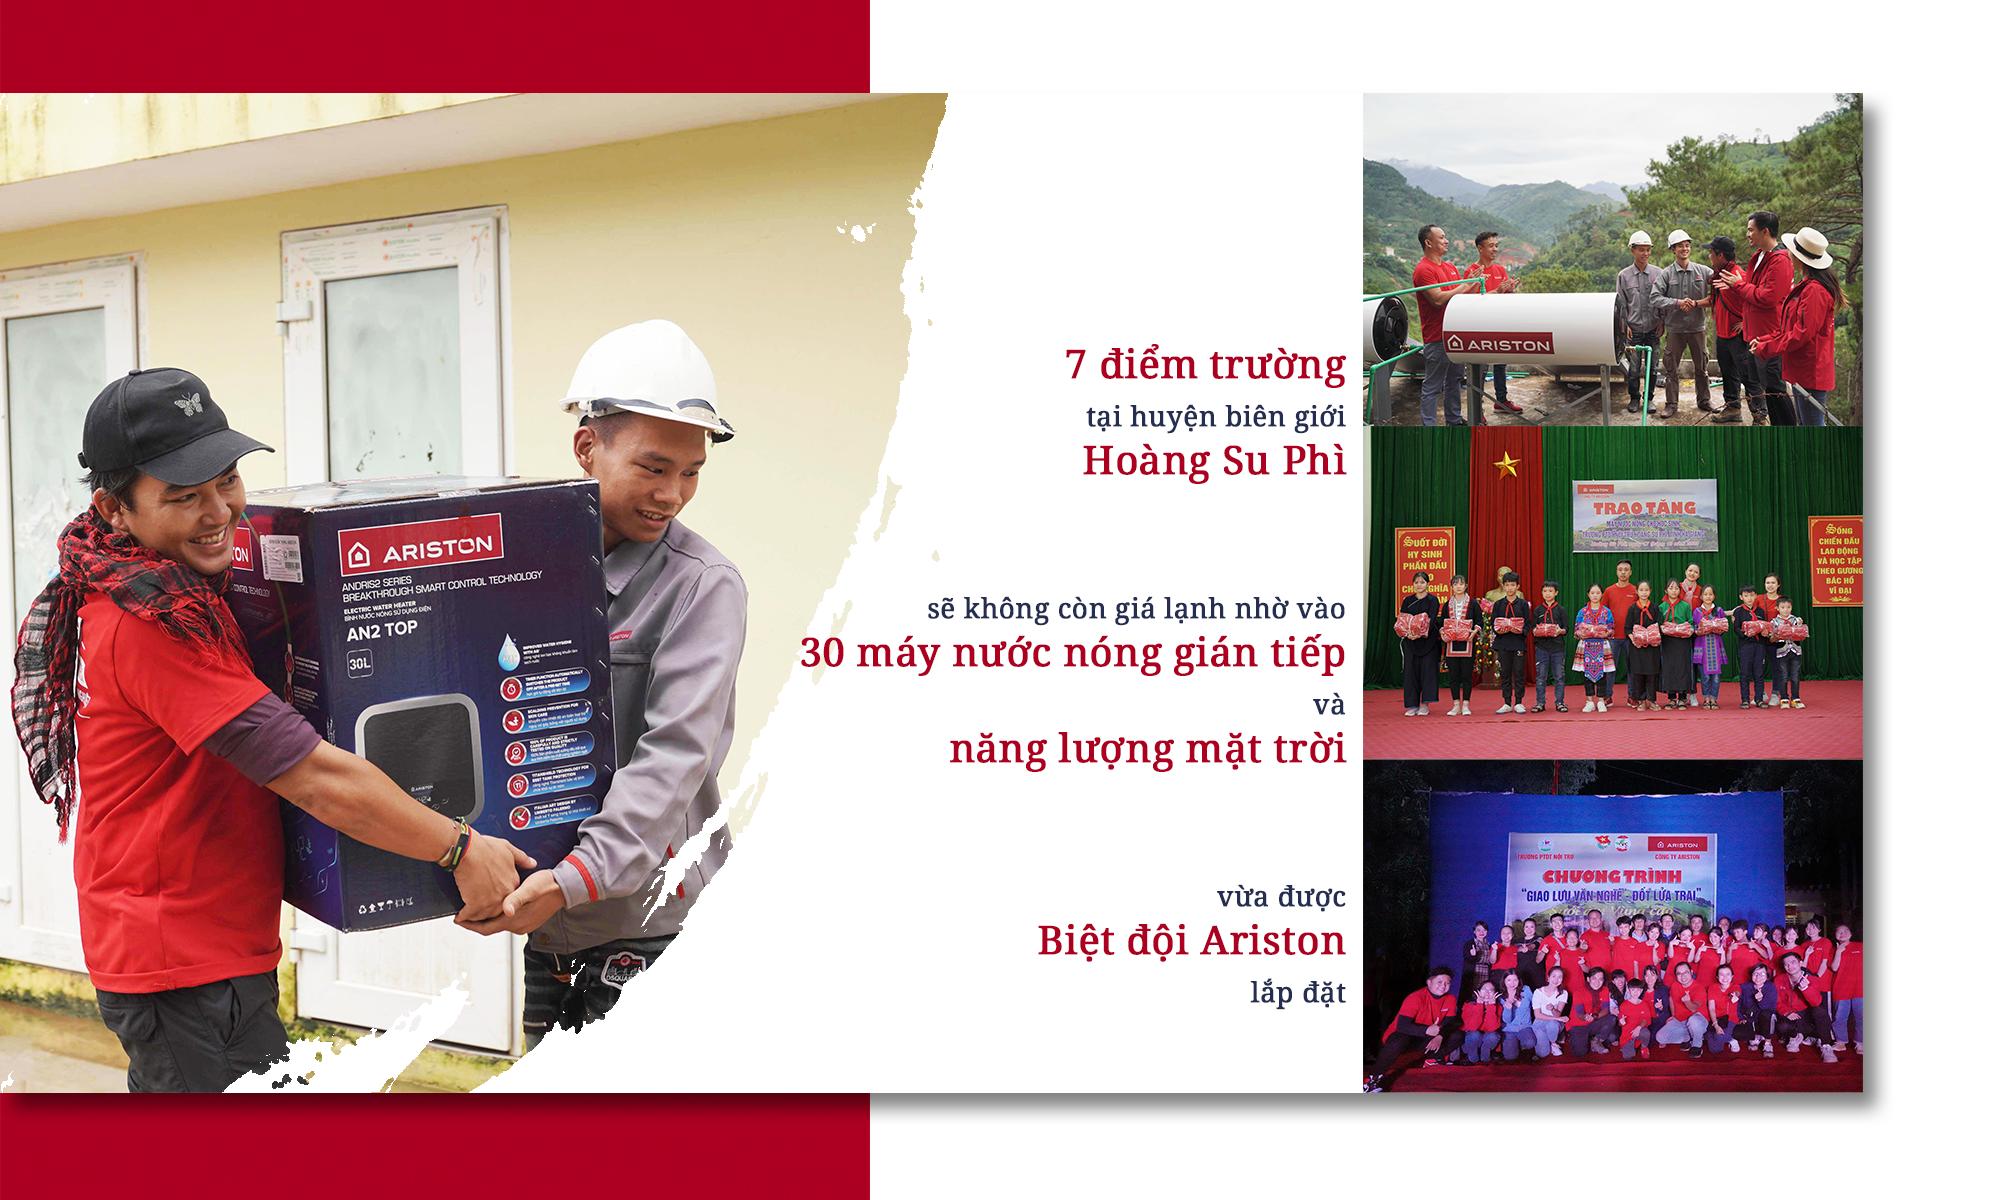 Những con số ấn tượng của Ariston và hành trình mang lại sự thoải mái cho mỗi người dân tại Việt Nam - Ảnh 6.